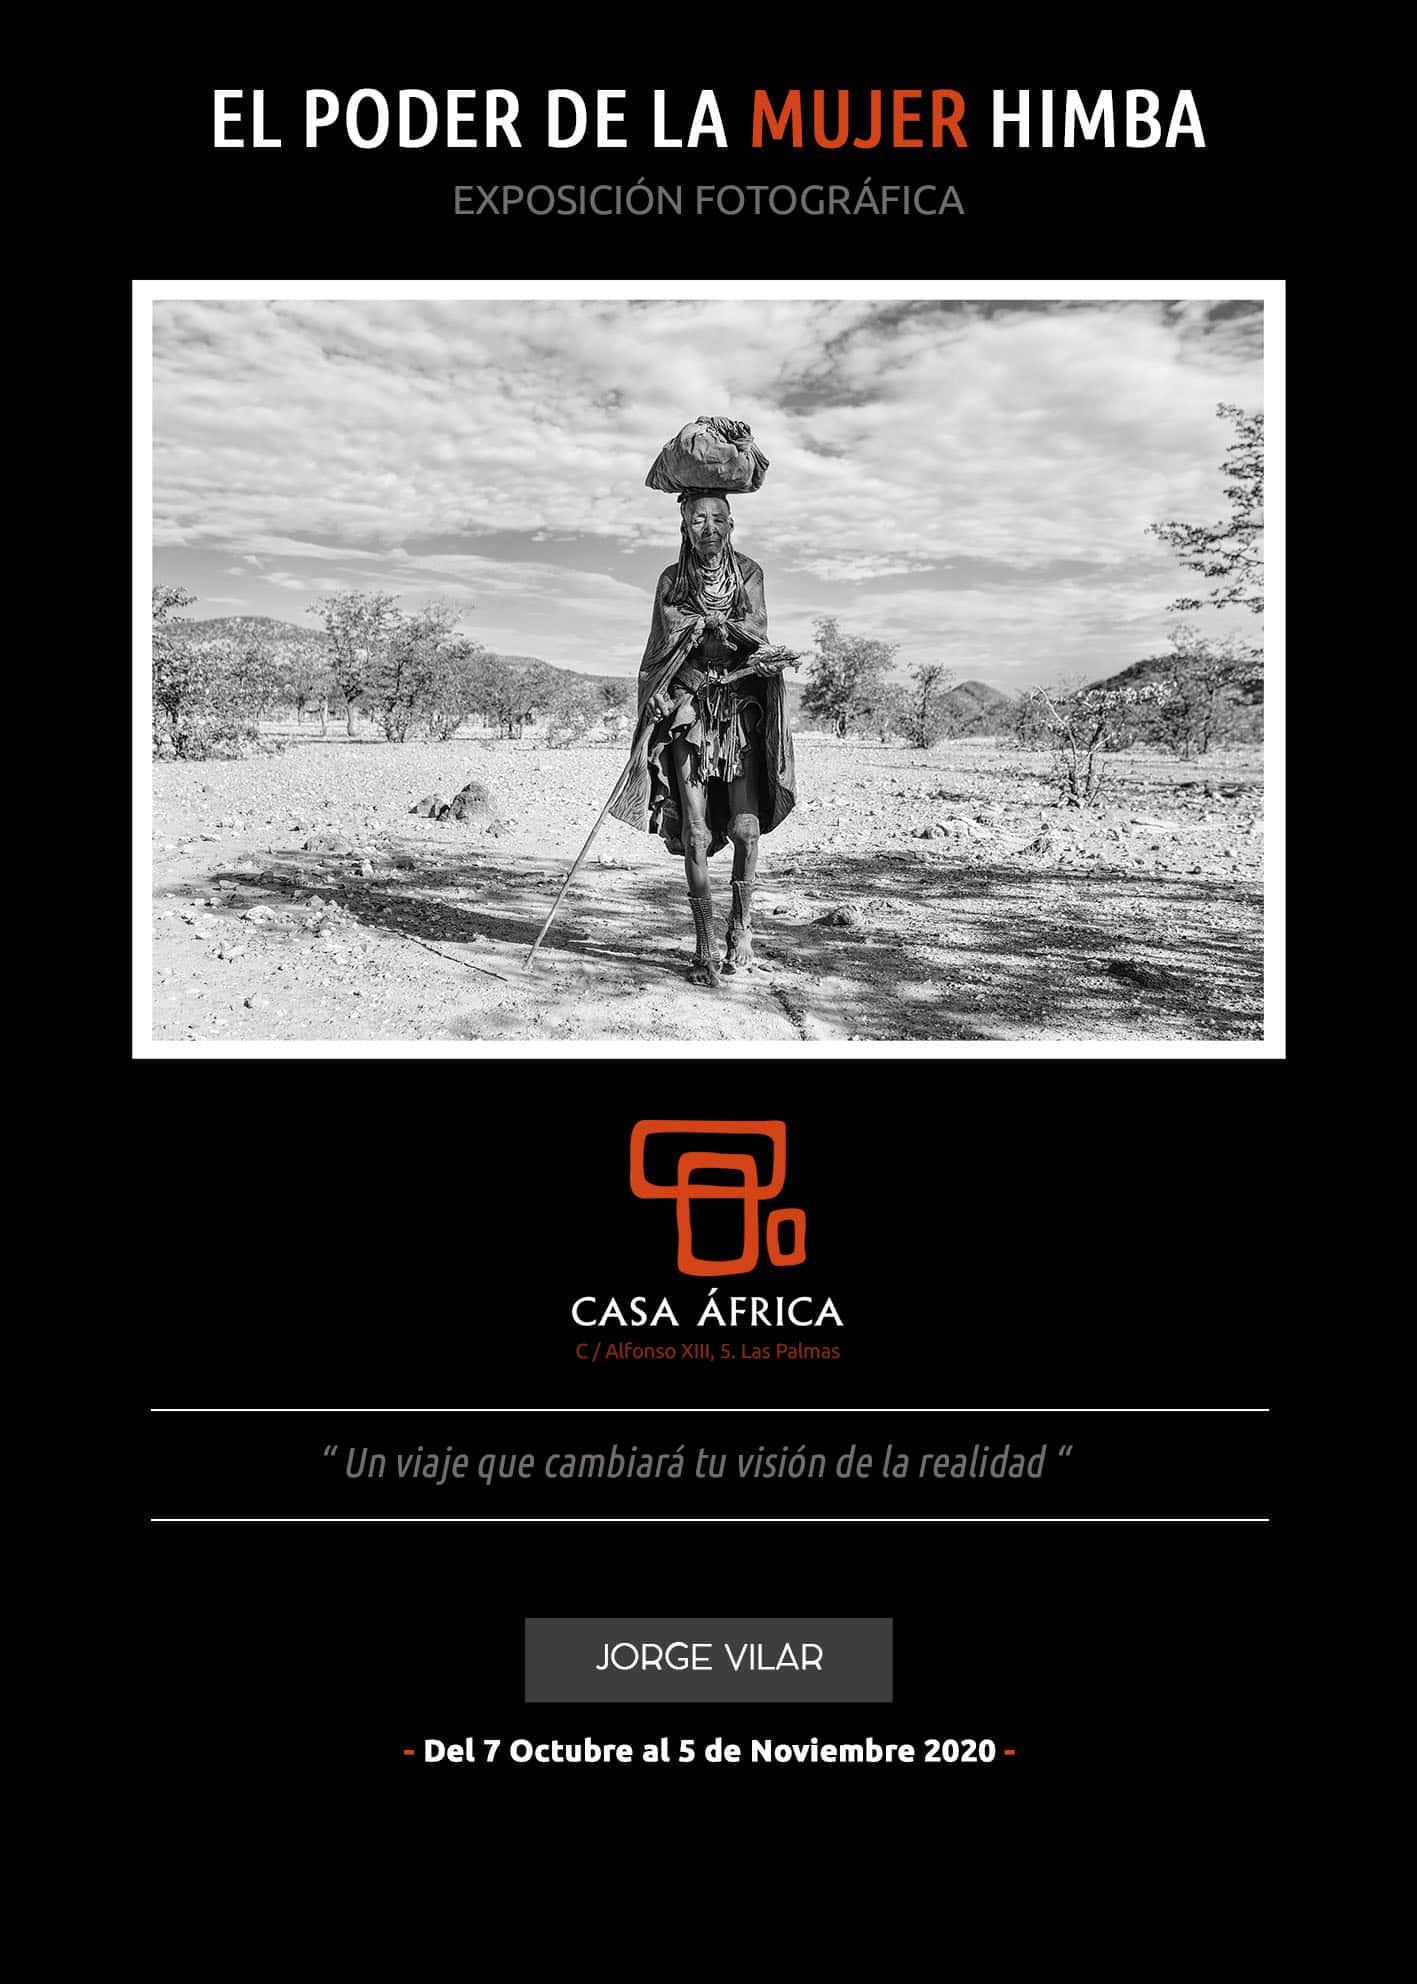 TRIBU HIMBA CASA AFRICA